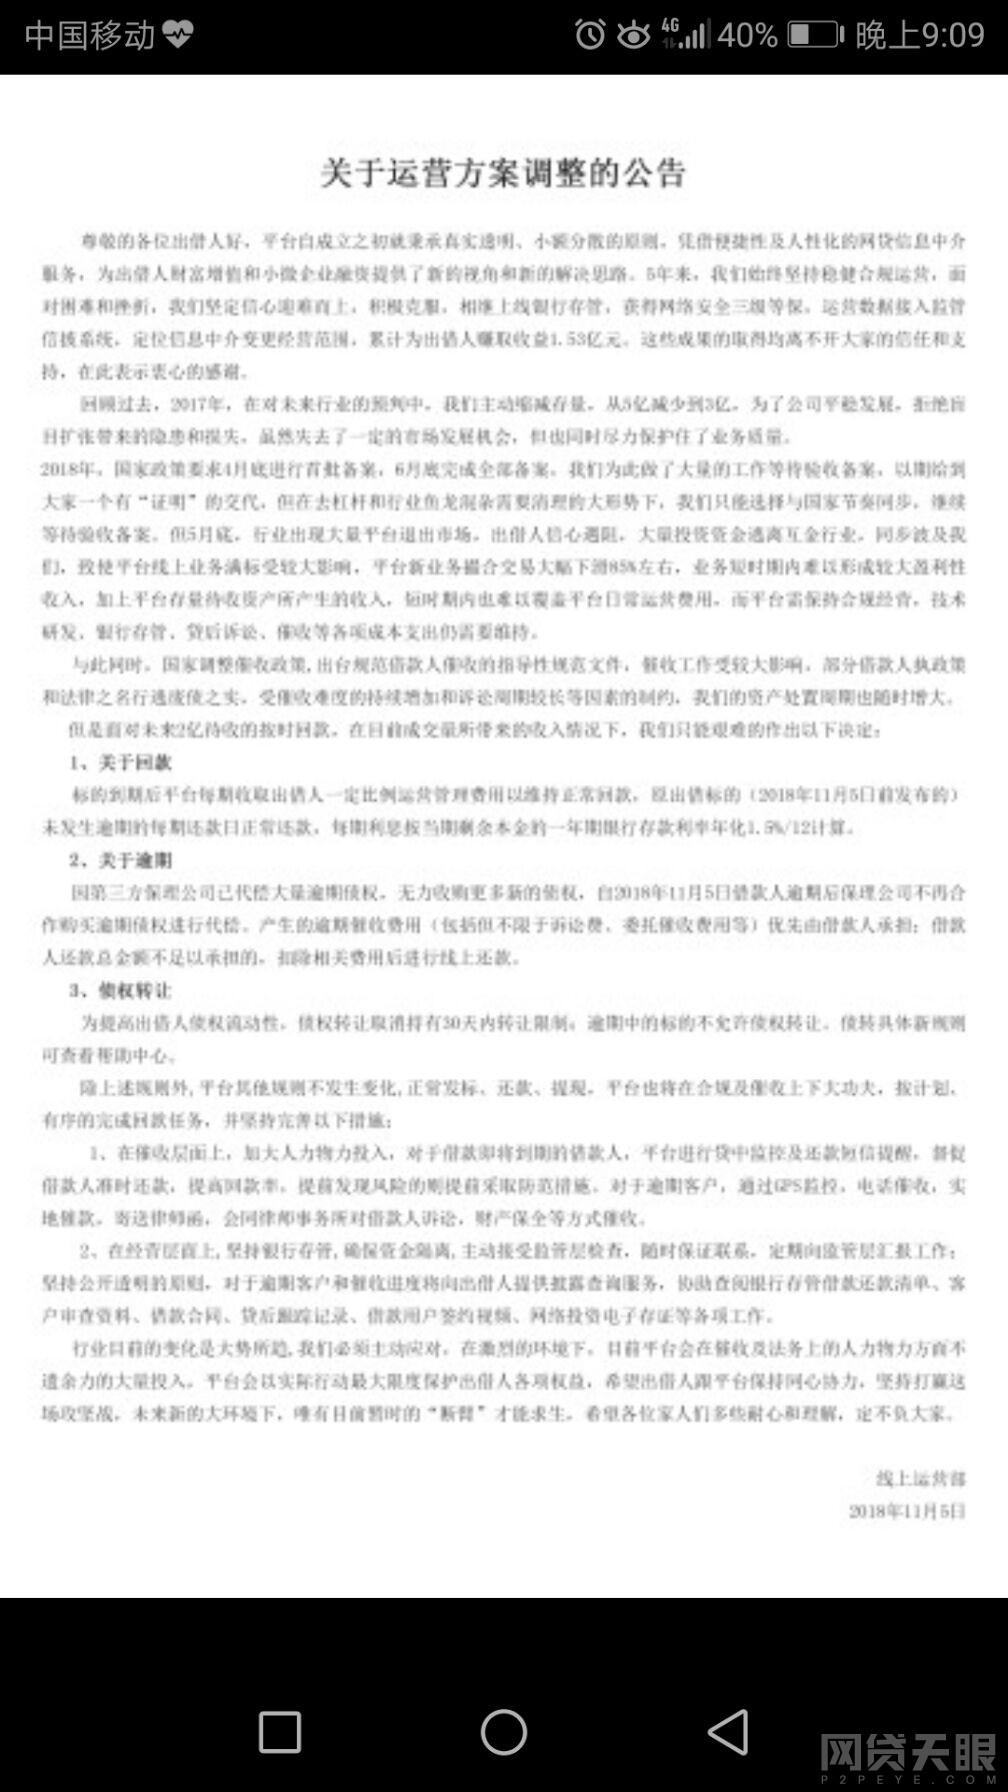 债转火热平台金讯财经(交易宝)与逾期平台丁丁金服原来是一个法人